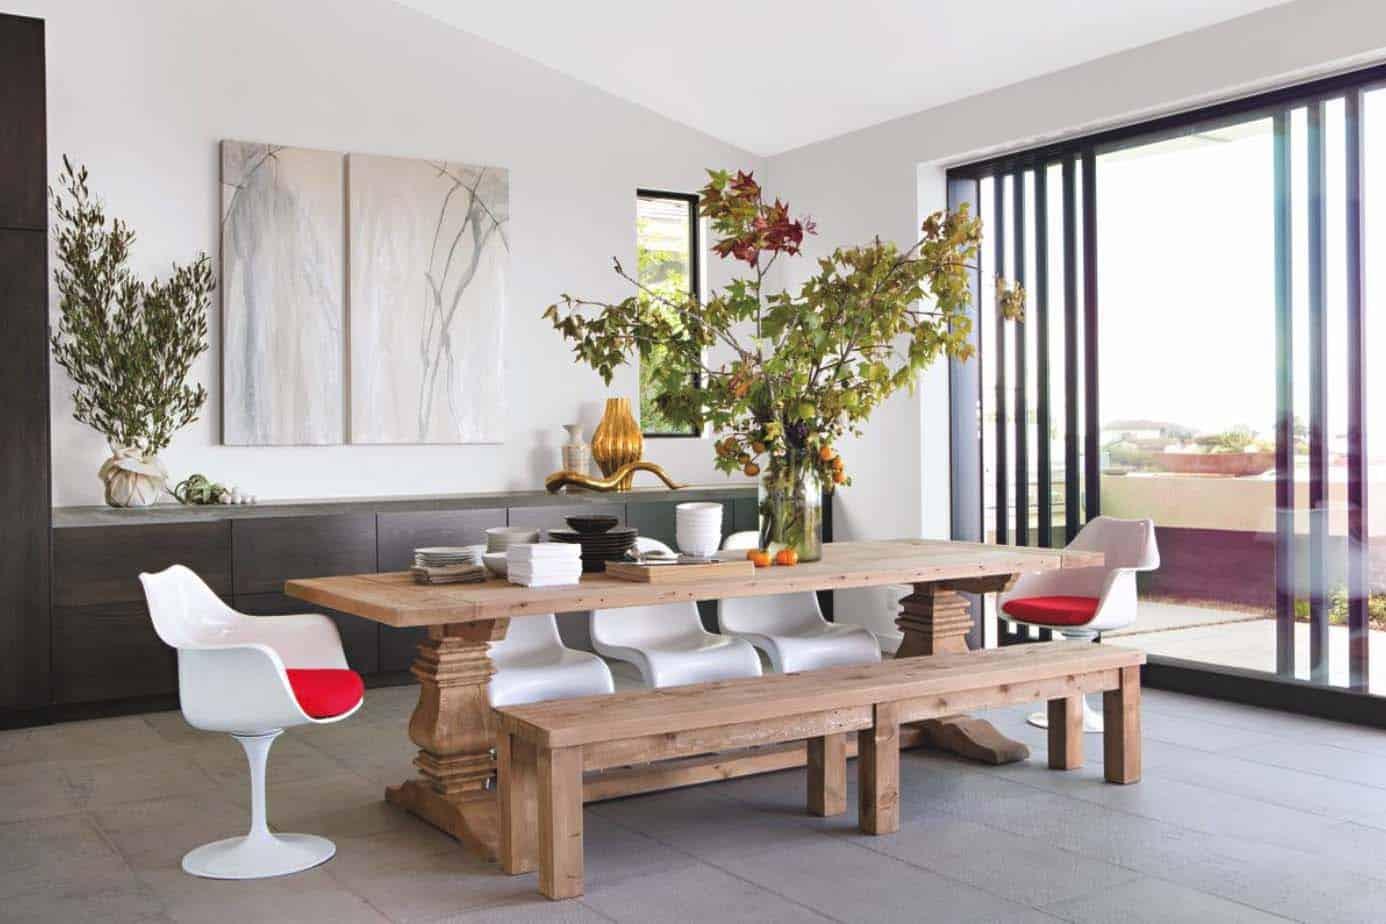 spyglass-hill-residence-eric-olsen-design-05-1-kindesign